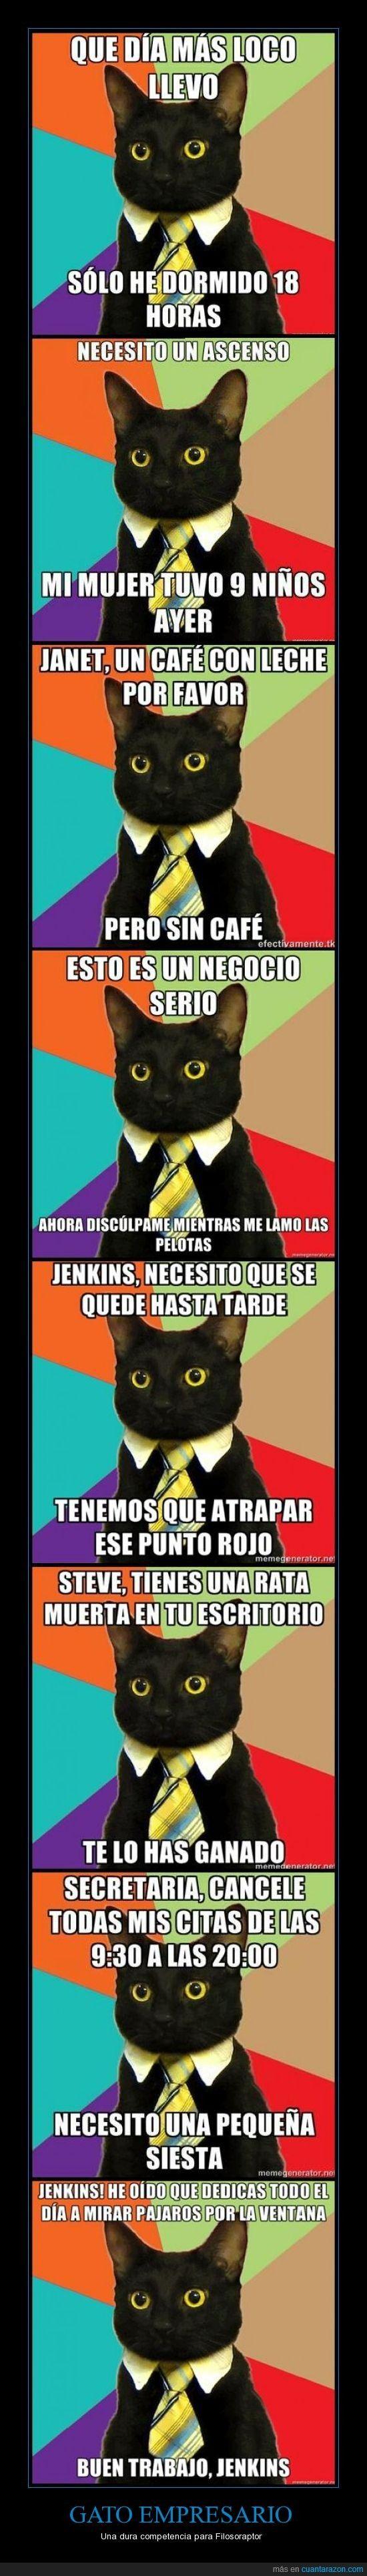 memes de gatos8